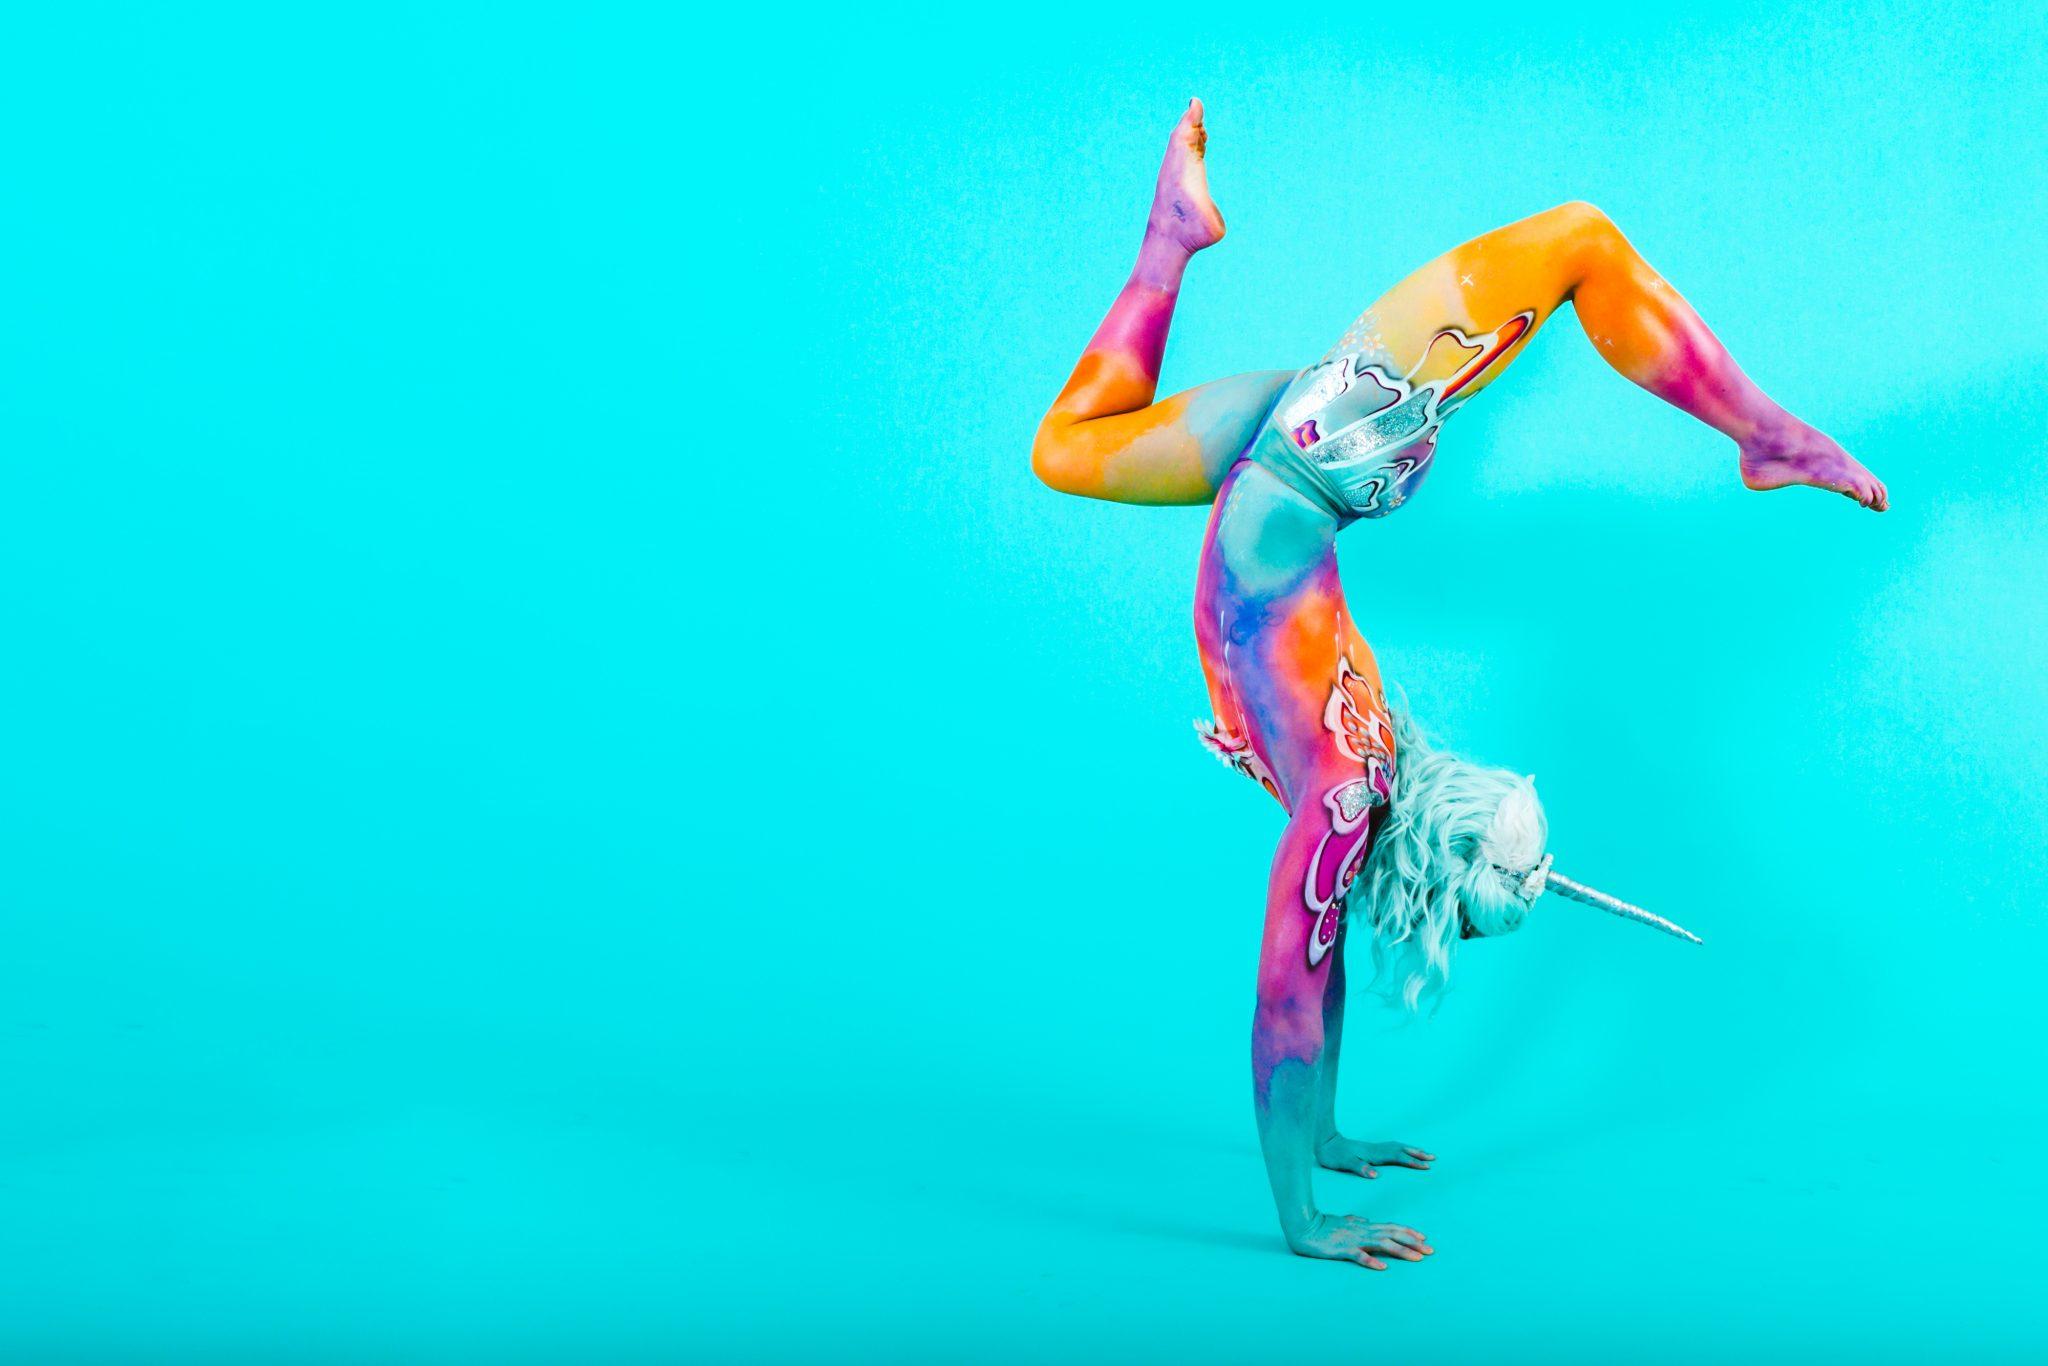 Unicorn Body Paint - Phoebe © Lucas Sinclair